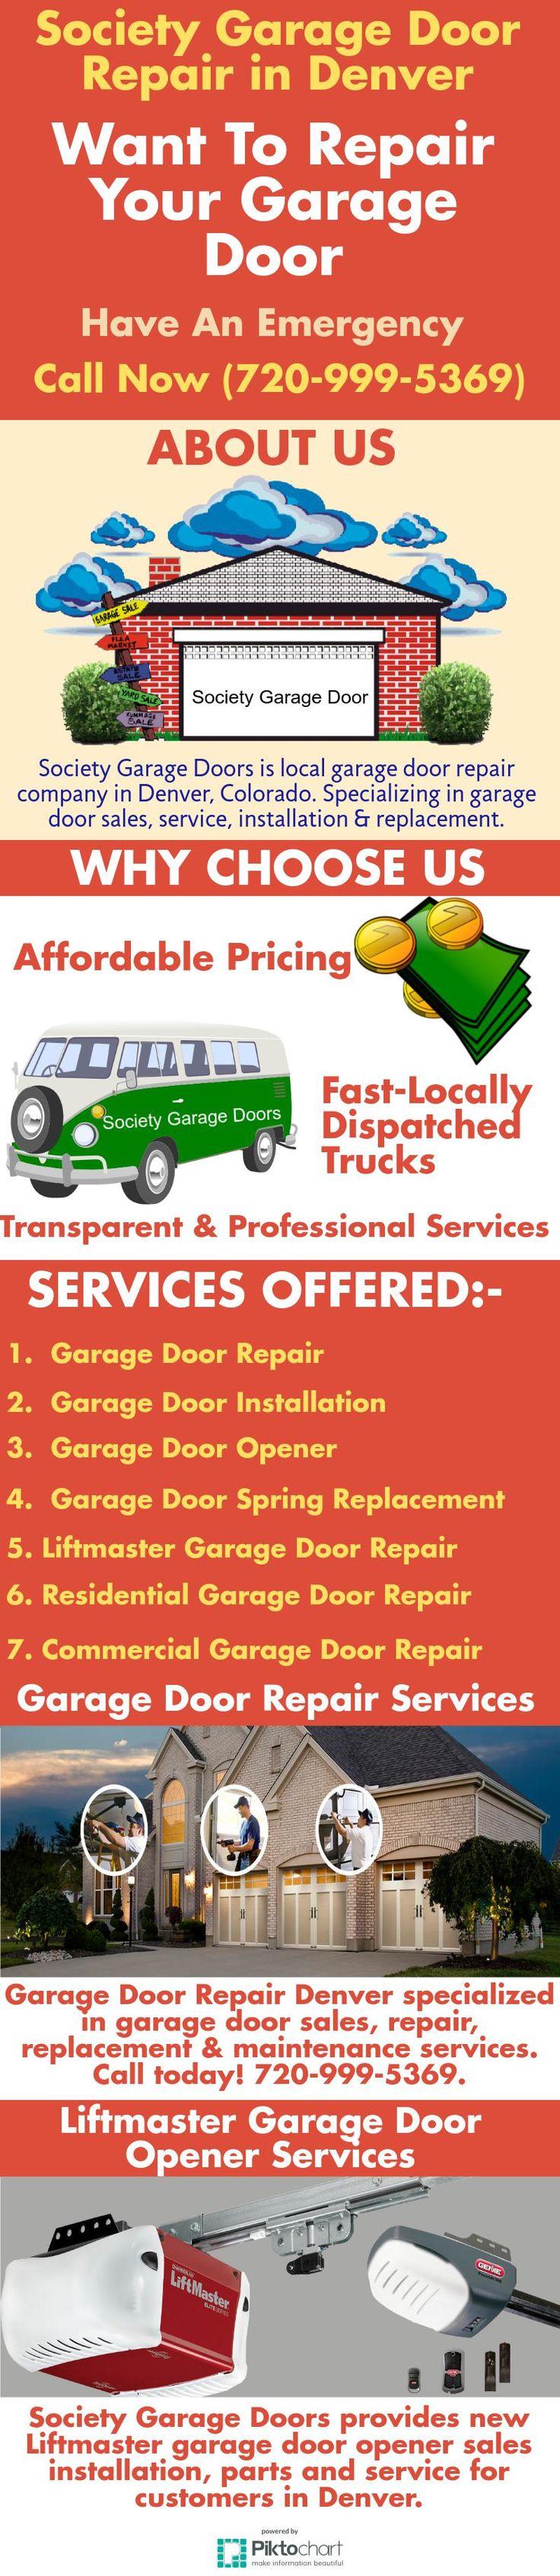 society garage doors is local garage door repair company in denver colorado our team